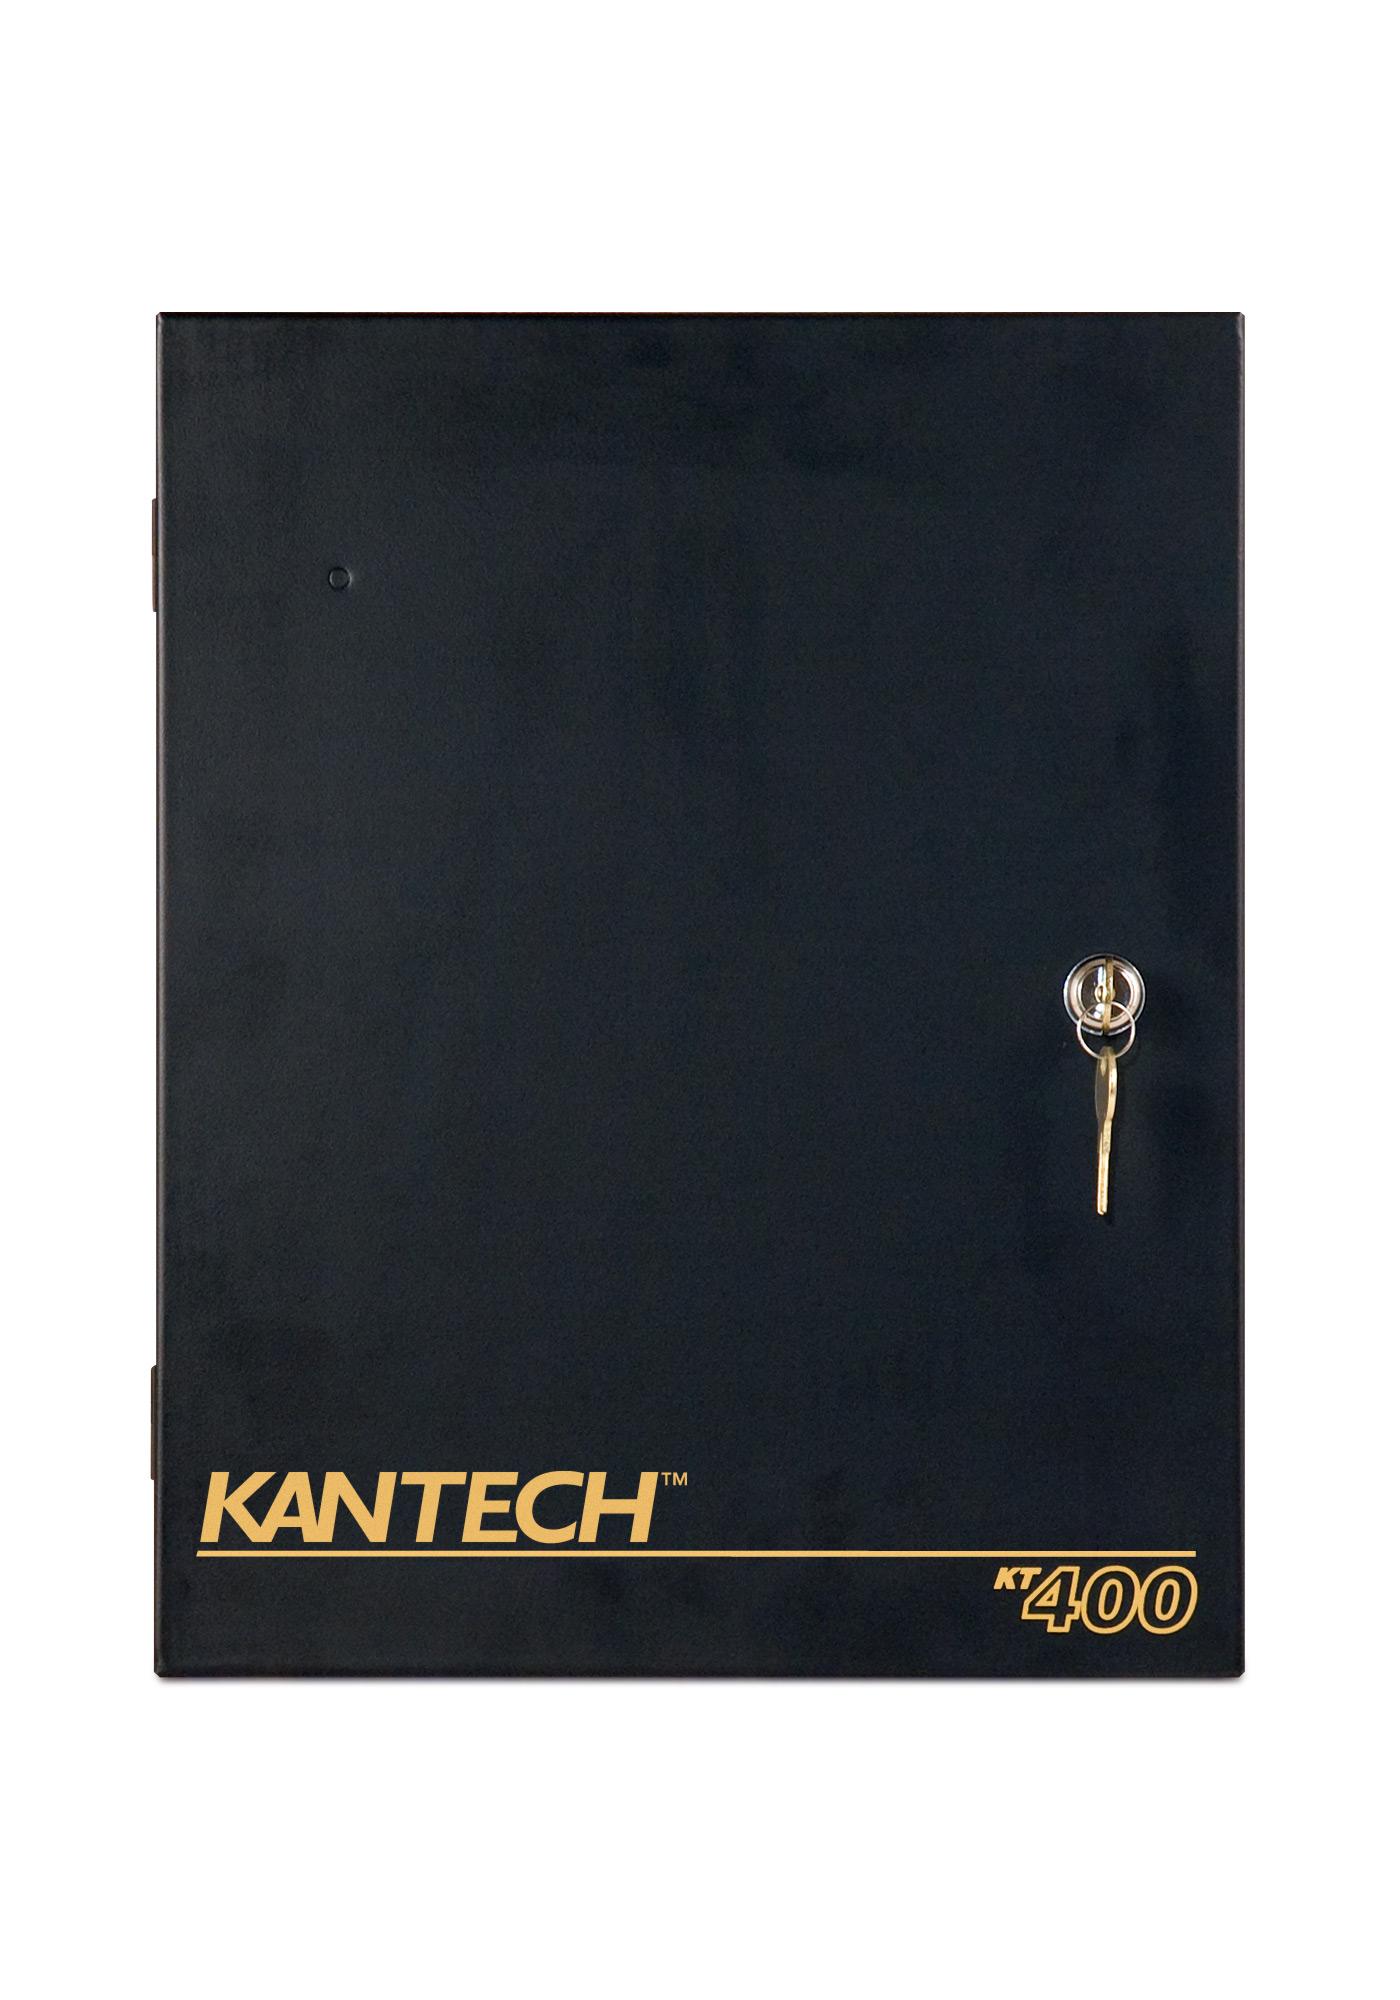 kantech Commercial card access